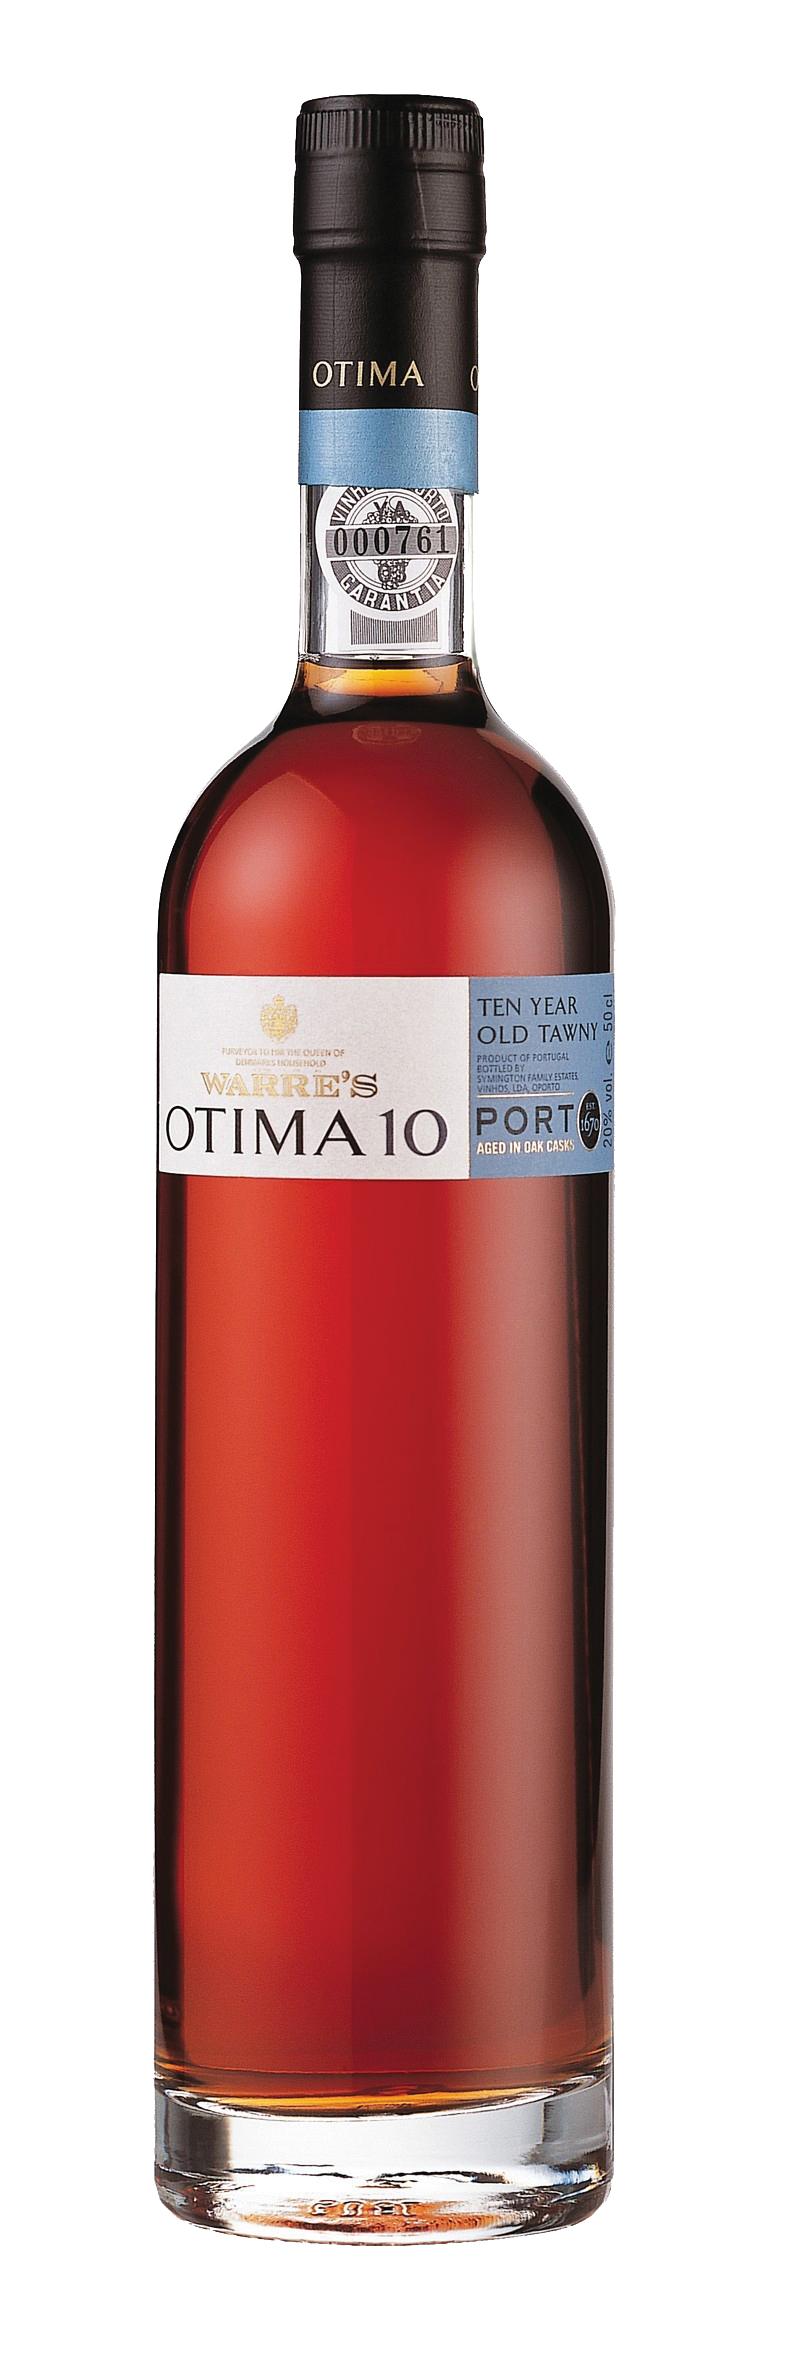 Warre's Otima 10 Year Old Tawny Port Bottle.jpg